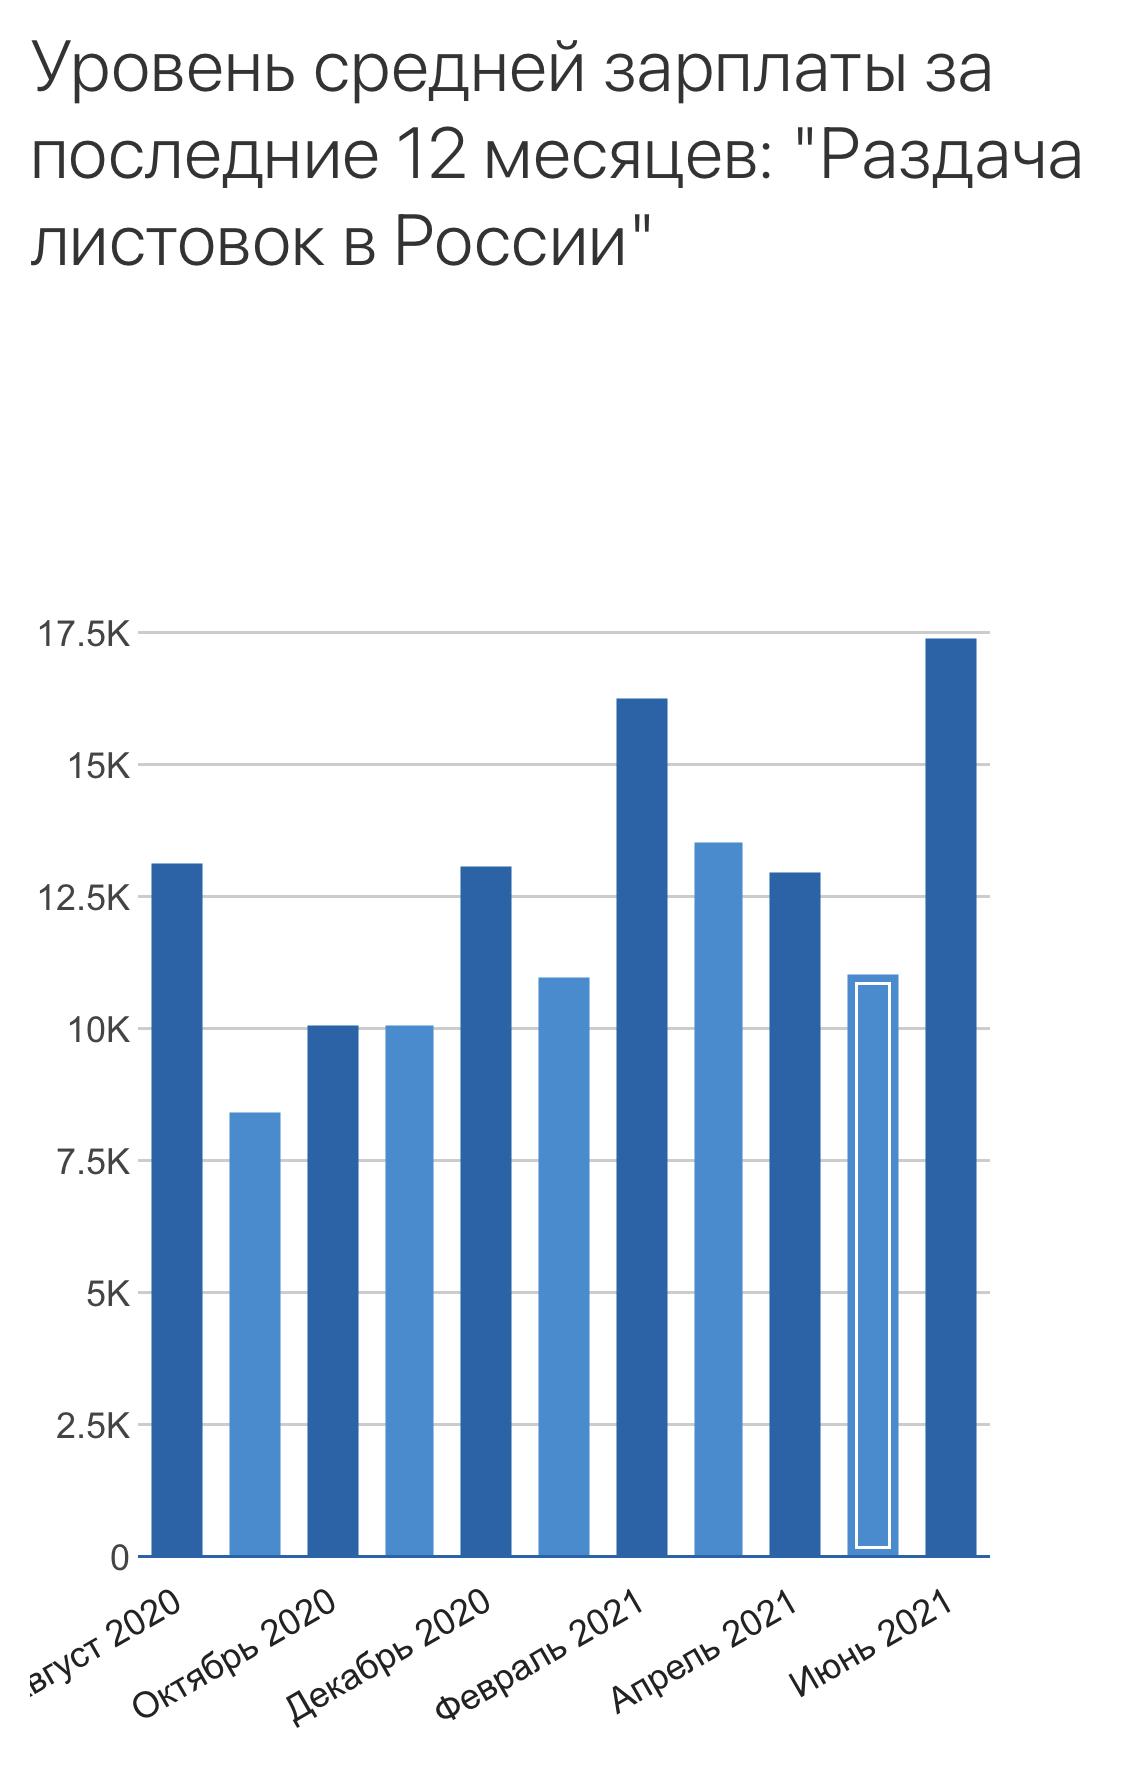 Уровень зарплаты за раздачу листовок